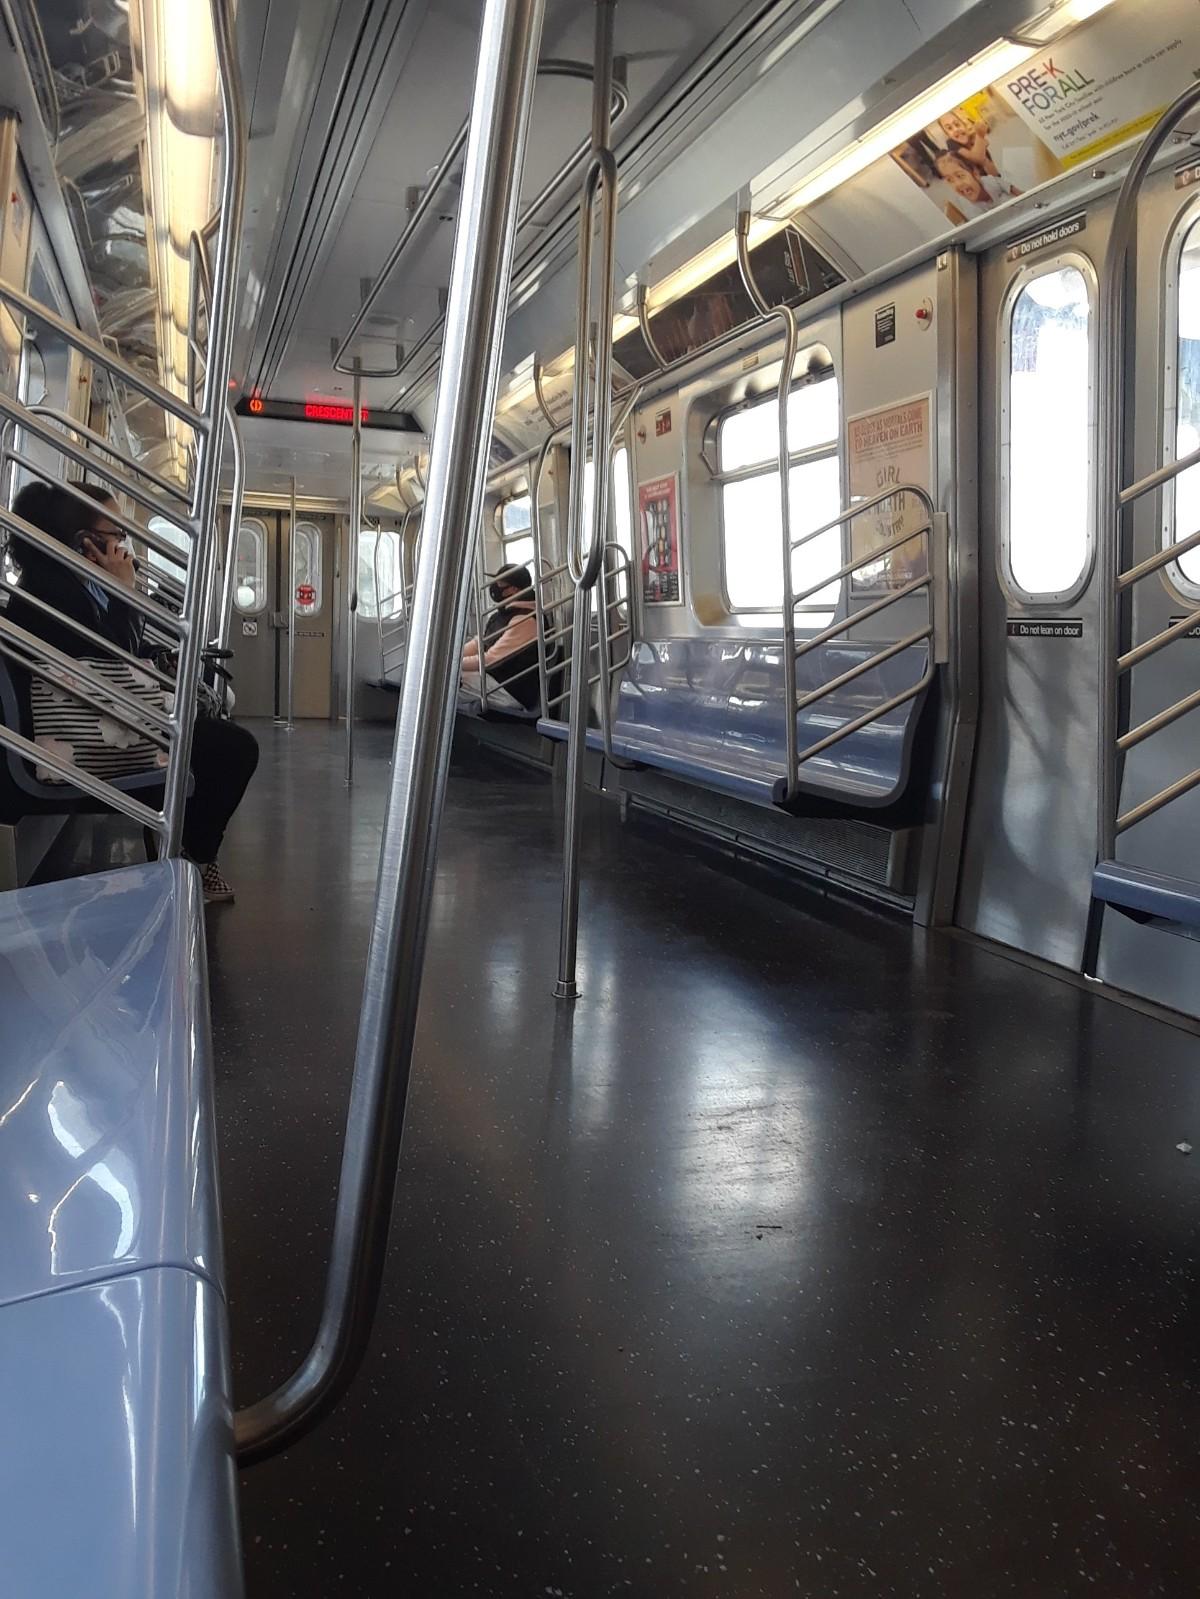 焕然一新的纽约地铁_图1-1